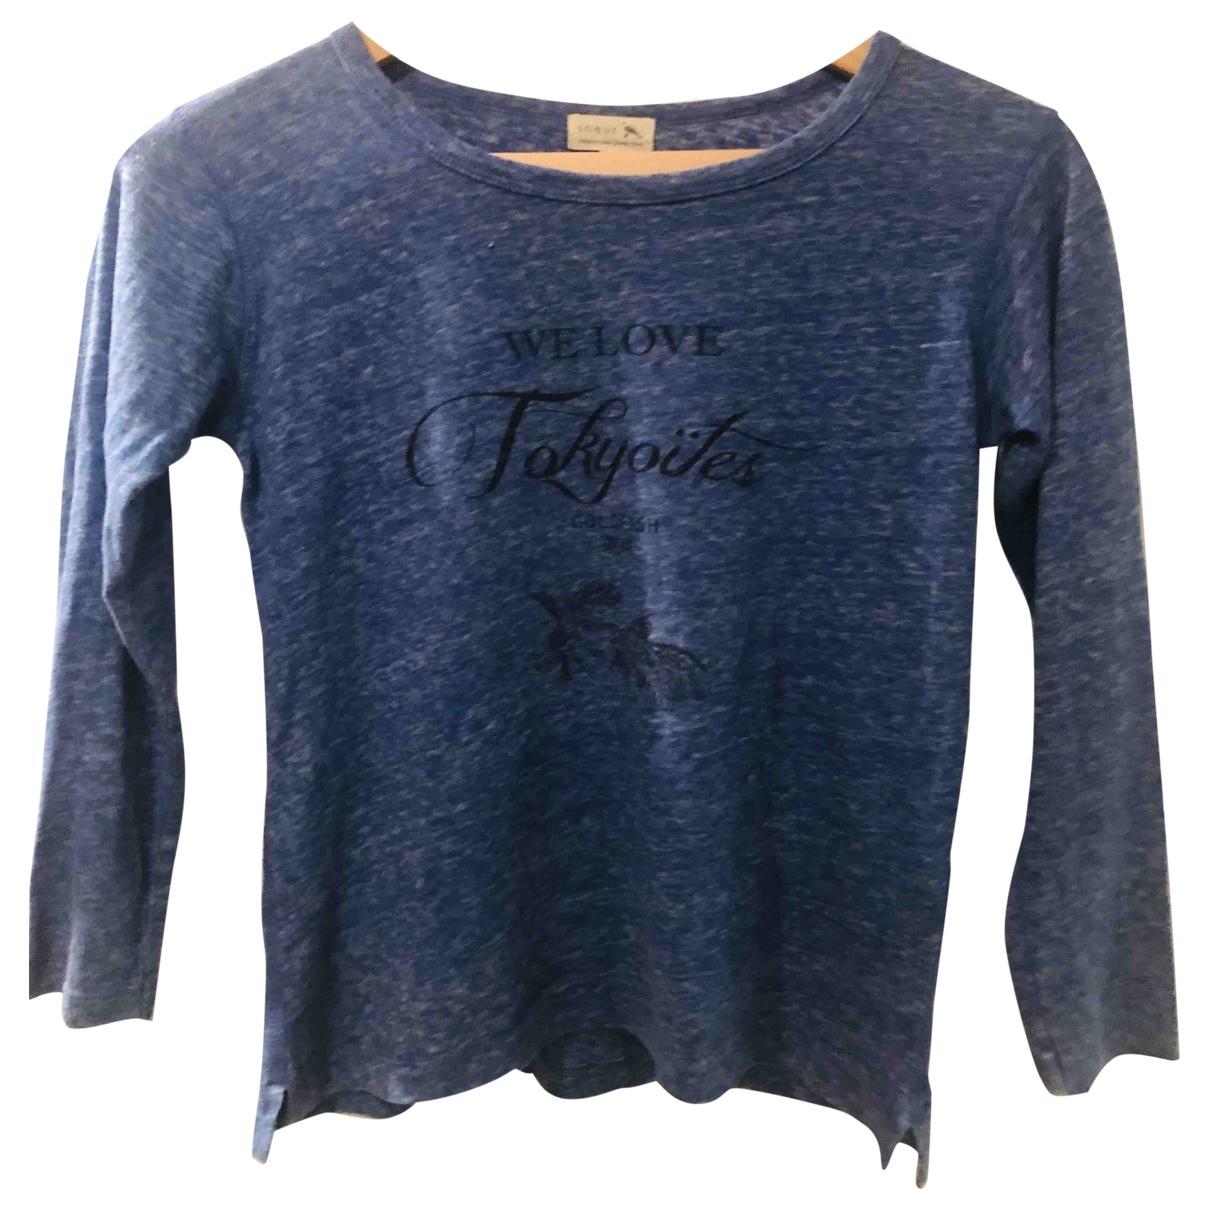 Soeur - Top   pour femme en coton - bleu